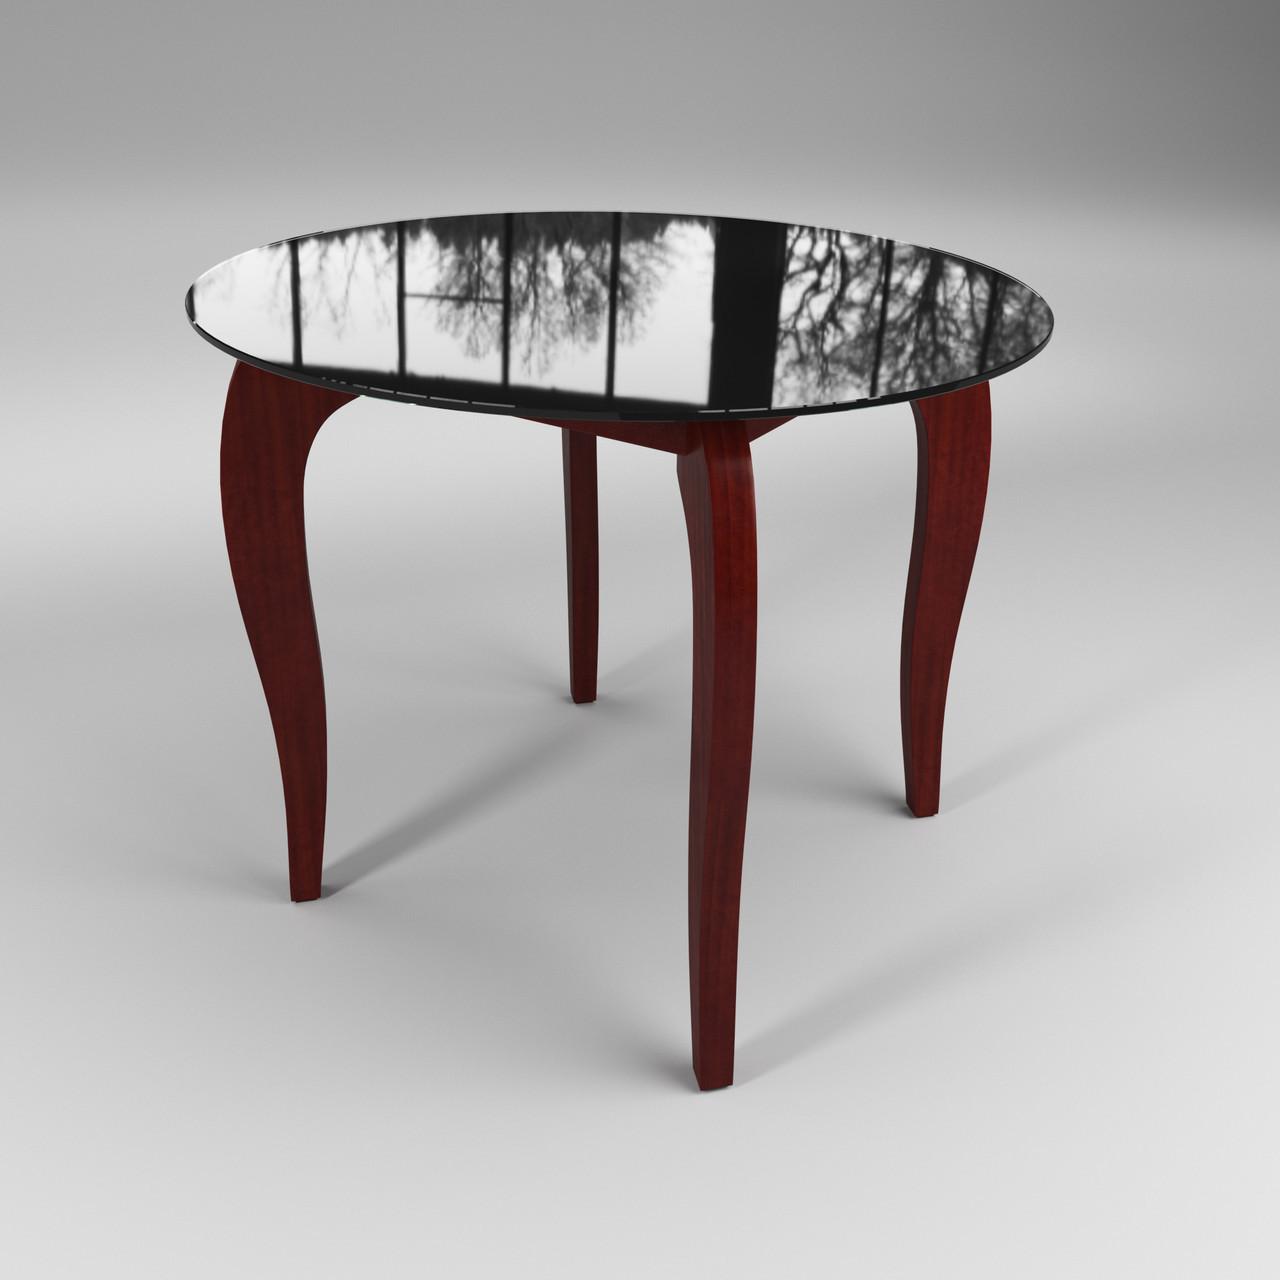 Стол стеклянный Император Круг черно-красный (диаметр - 0,90 м.)